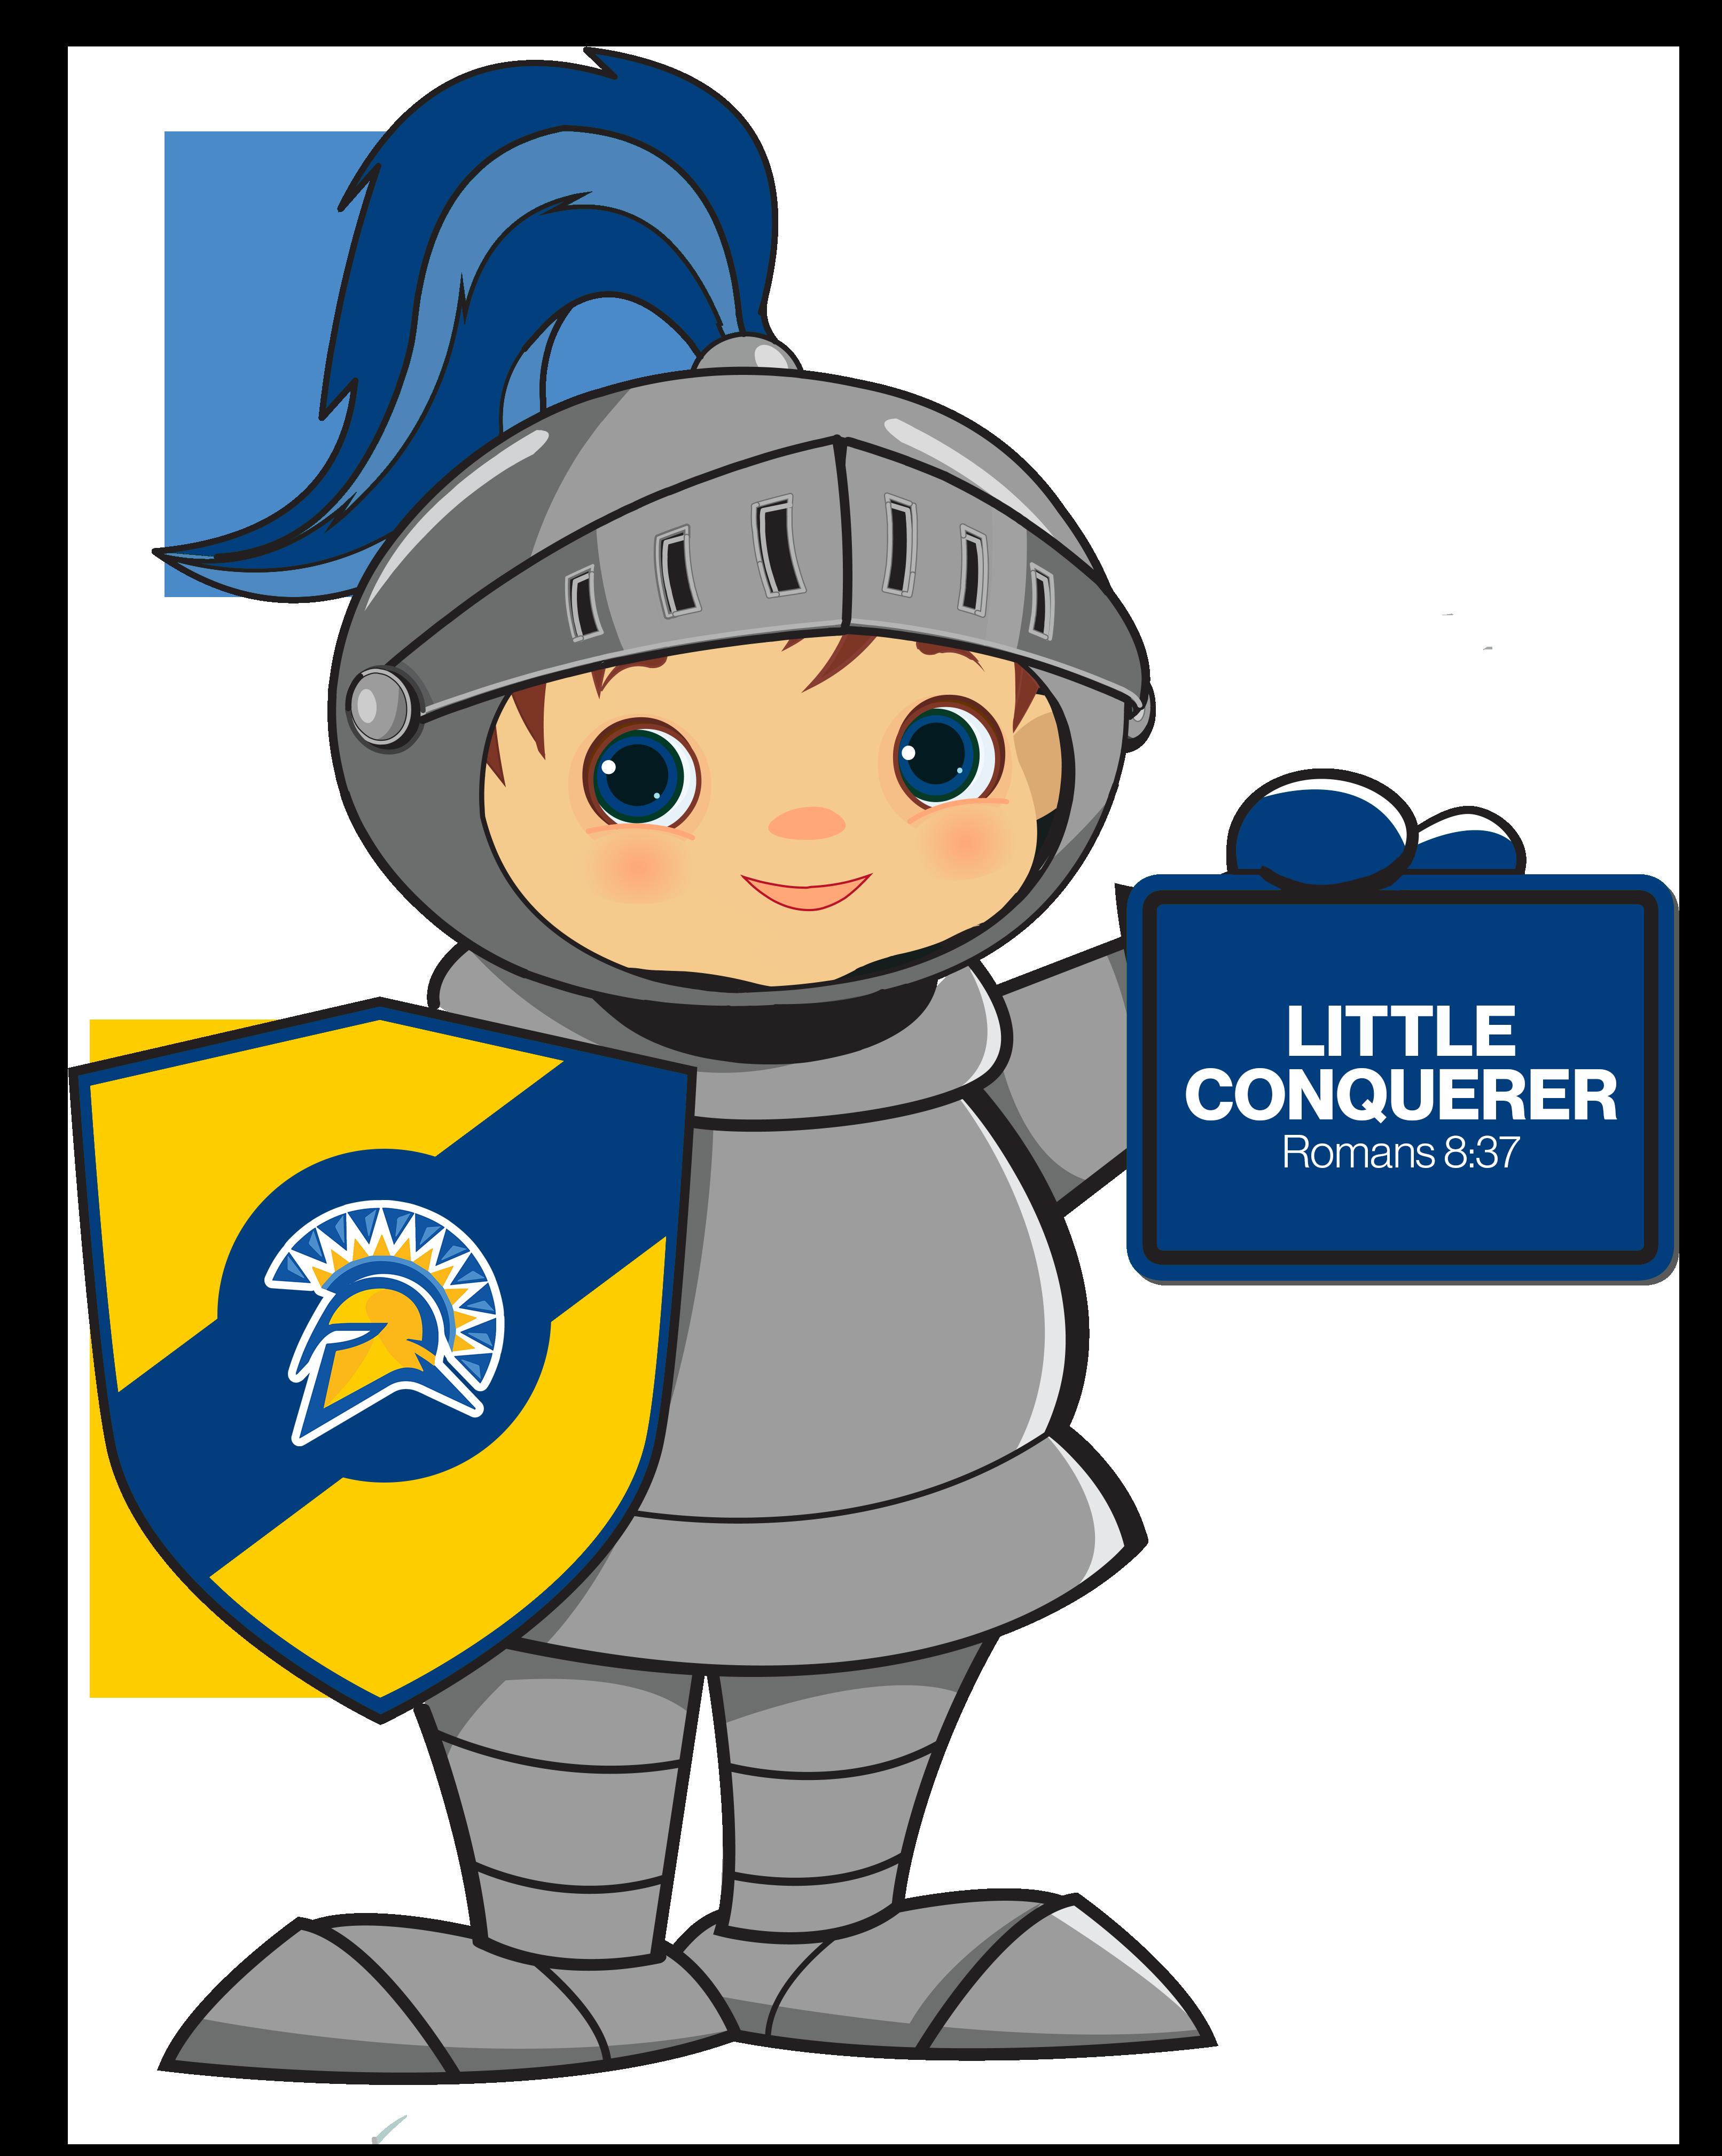 little conquerer